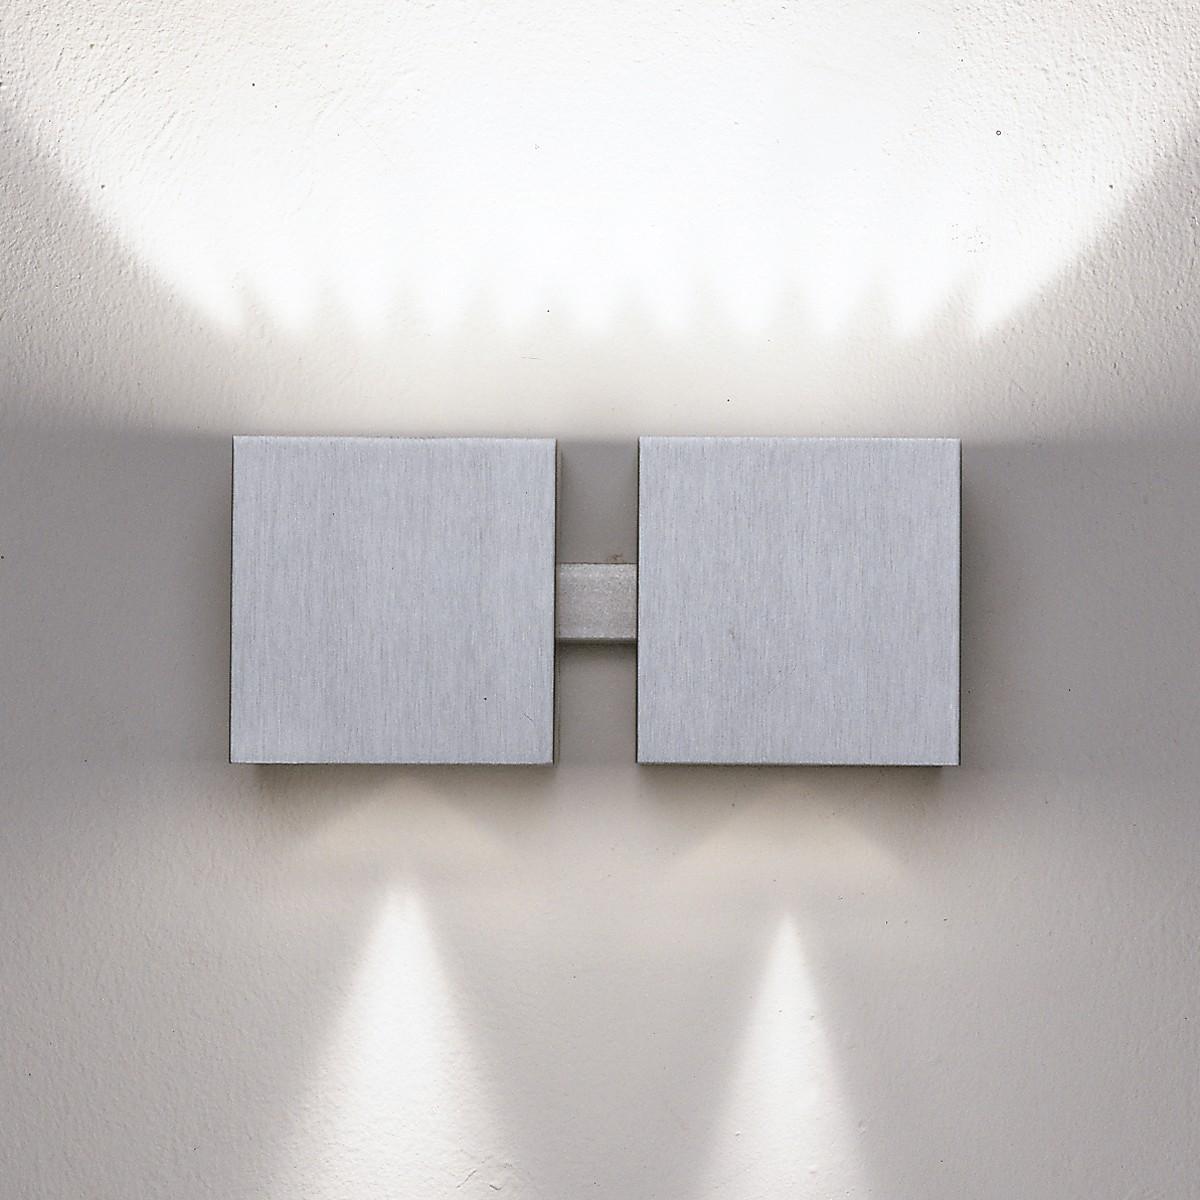 Milan Dau Wandleuchte, 2-flg., Aluminium